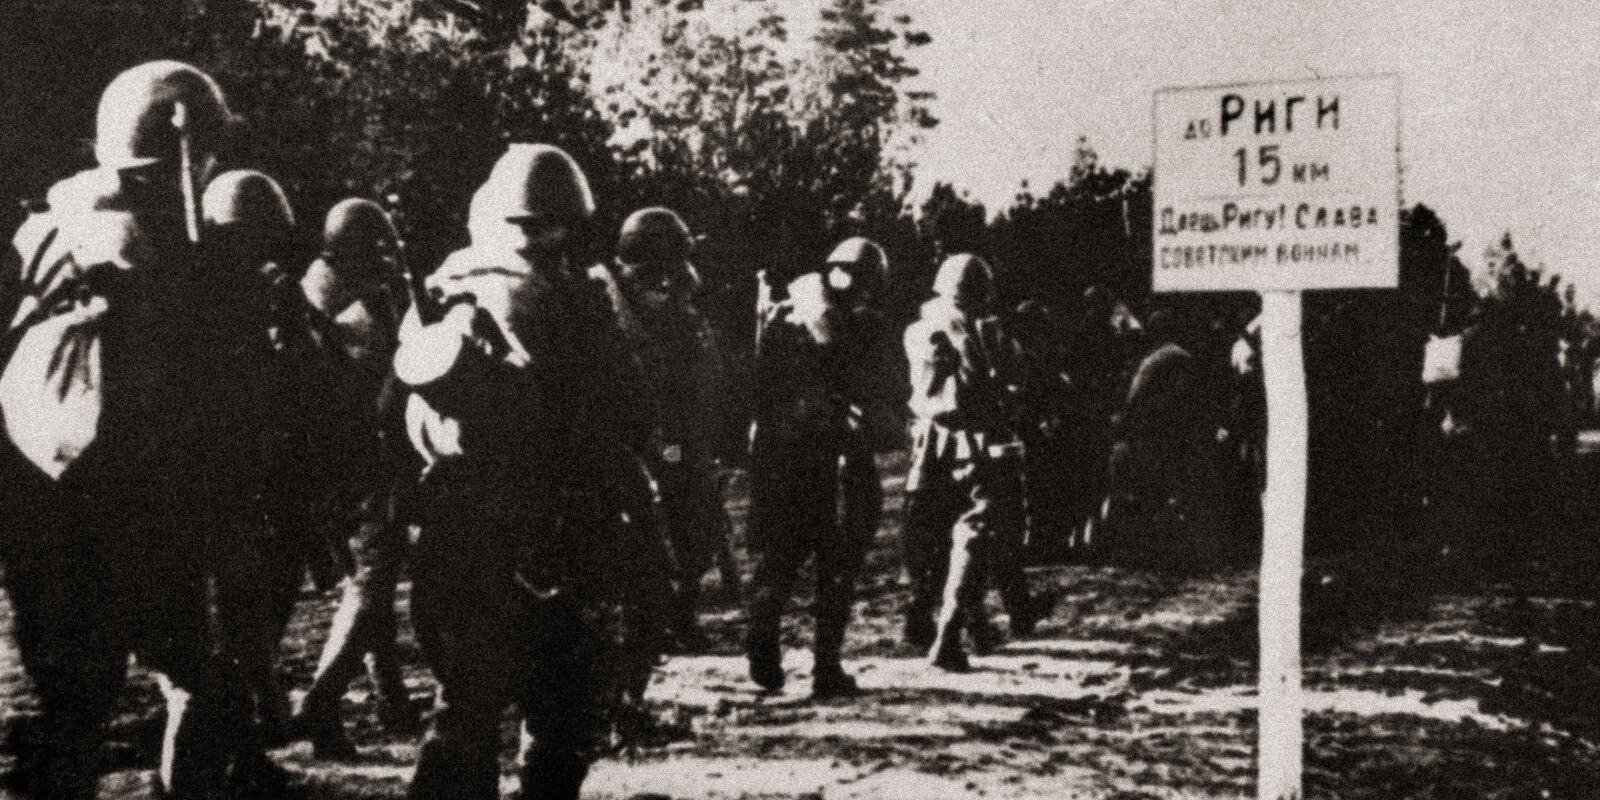 Atņēma pulksteni un piekakāja grāmatas – rīdzinieku atmiņas par padomju okupāciju 1944. gada rudenī